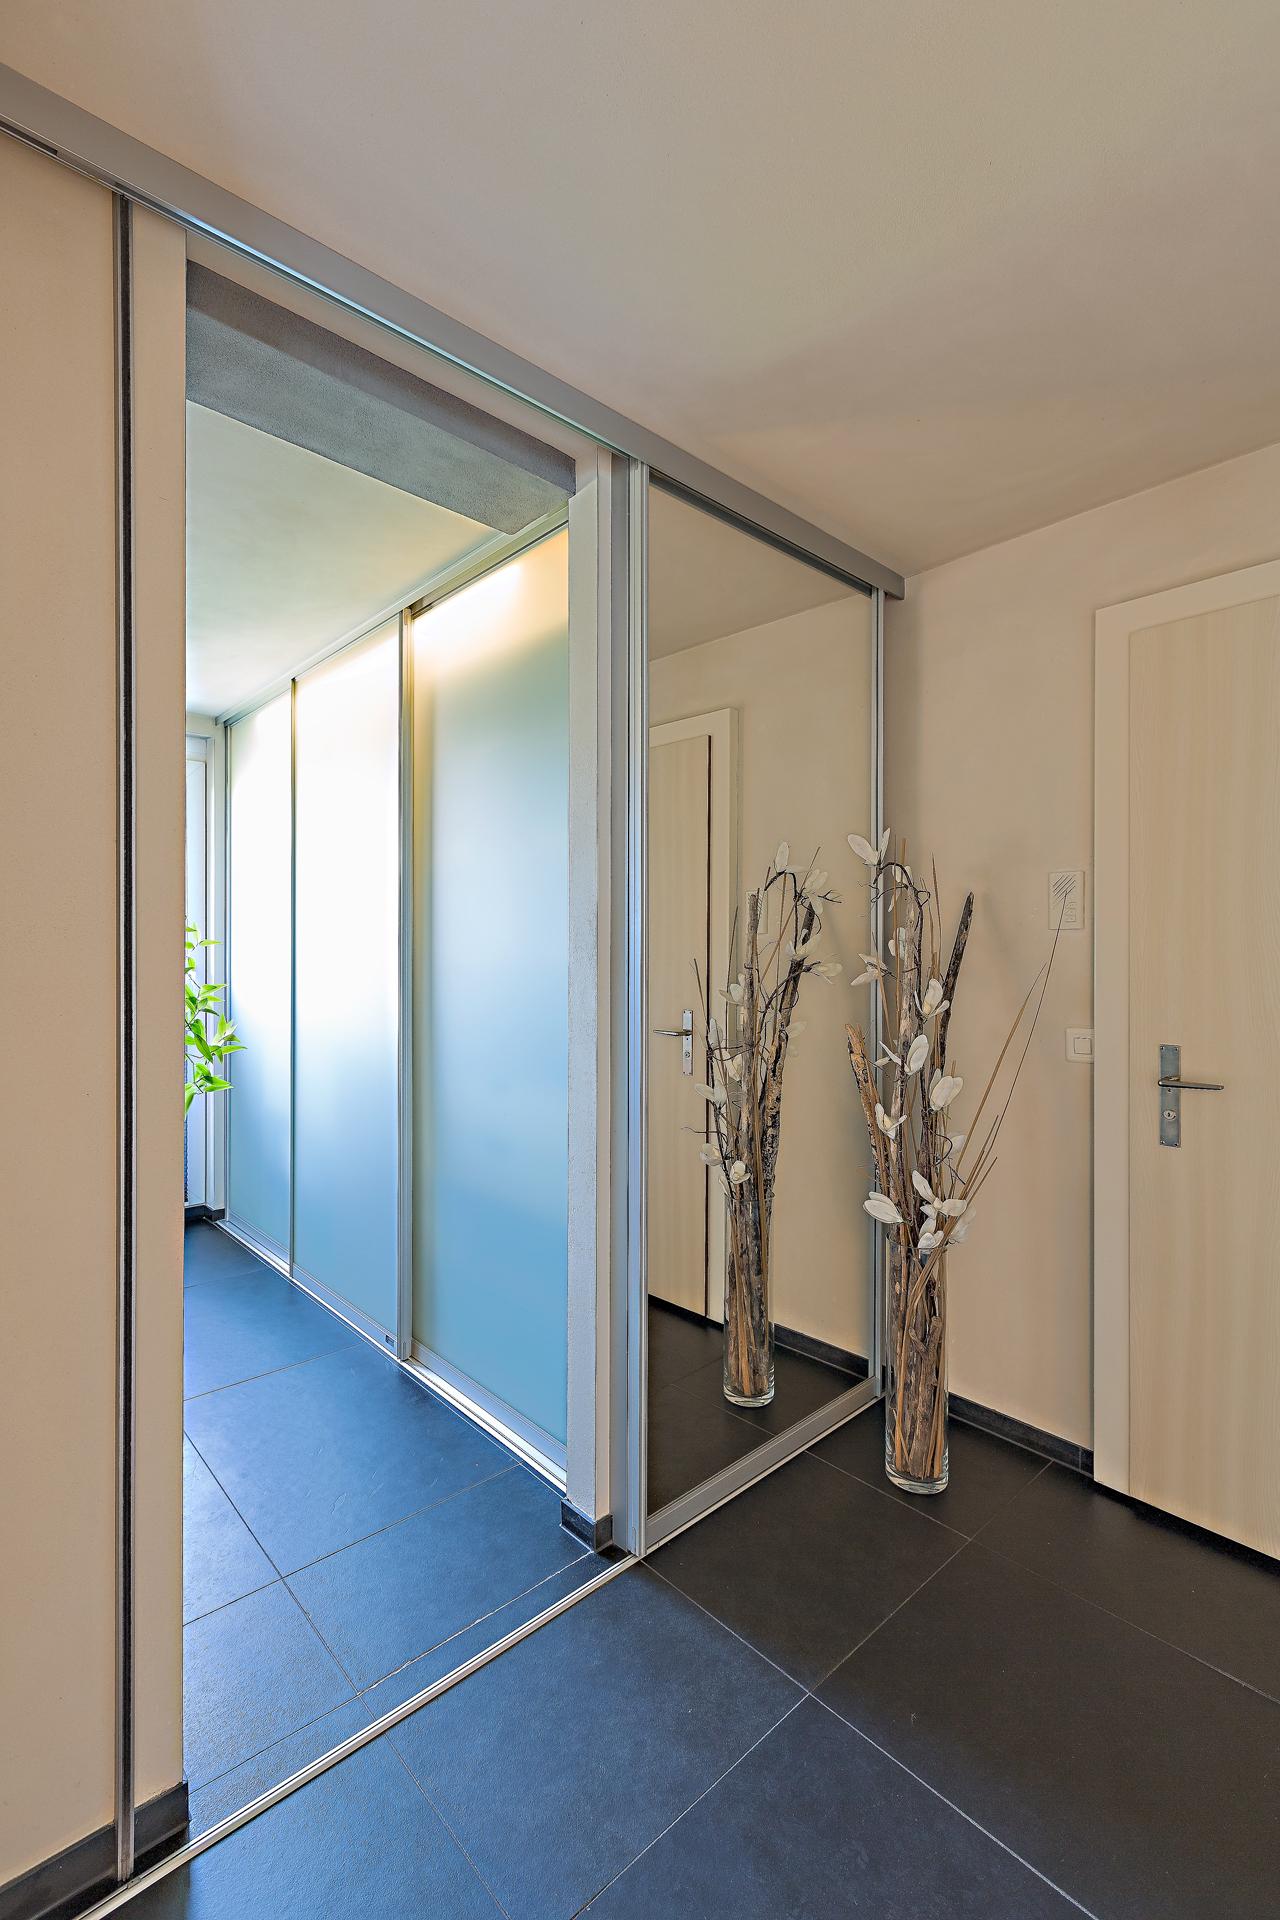 schiebet r f r badezimmer die besten einrichtungsideen und innovative m belauswahl. Black Bedroom Furniture Sets. Home Design Ideas